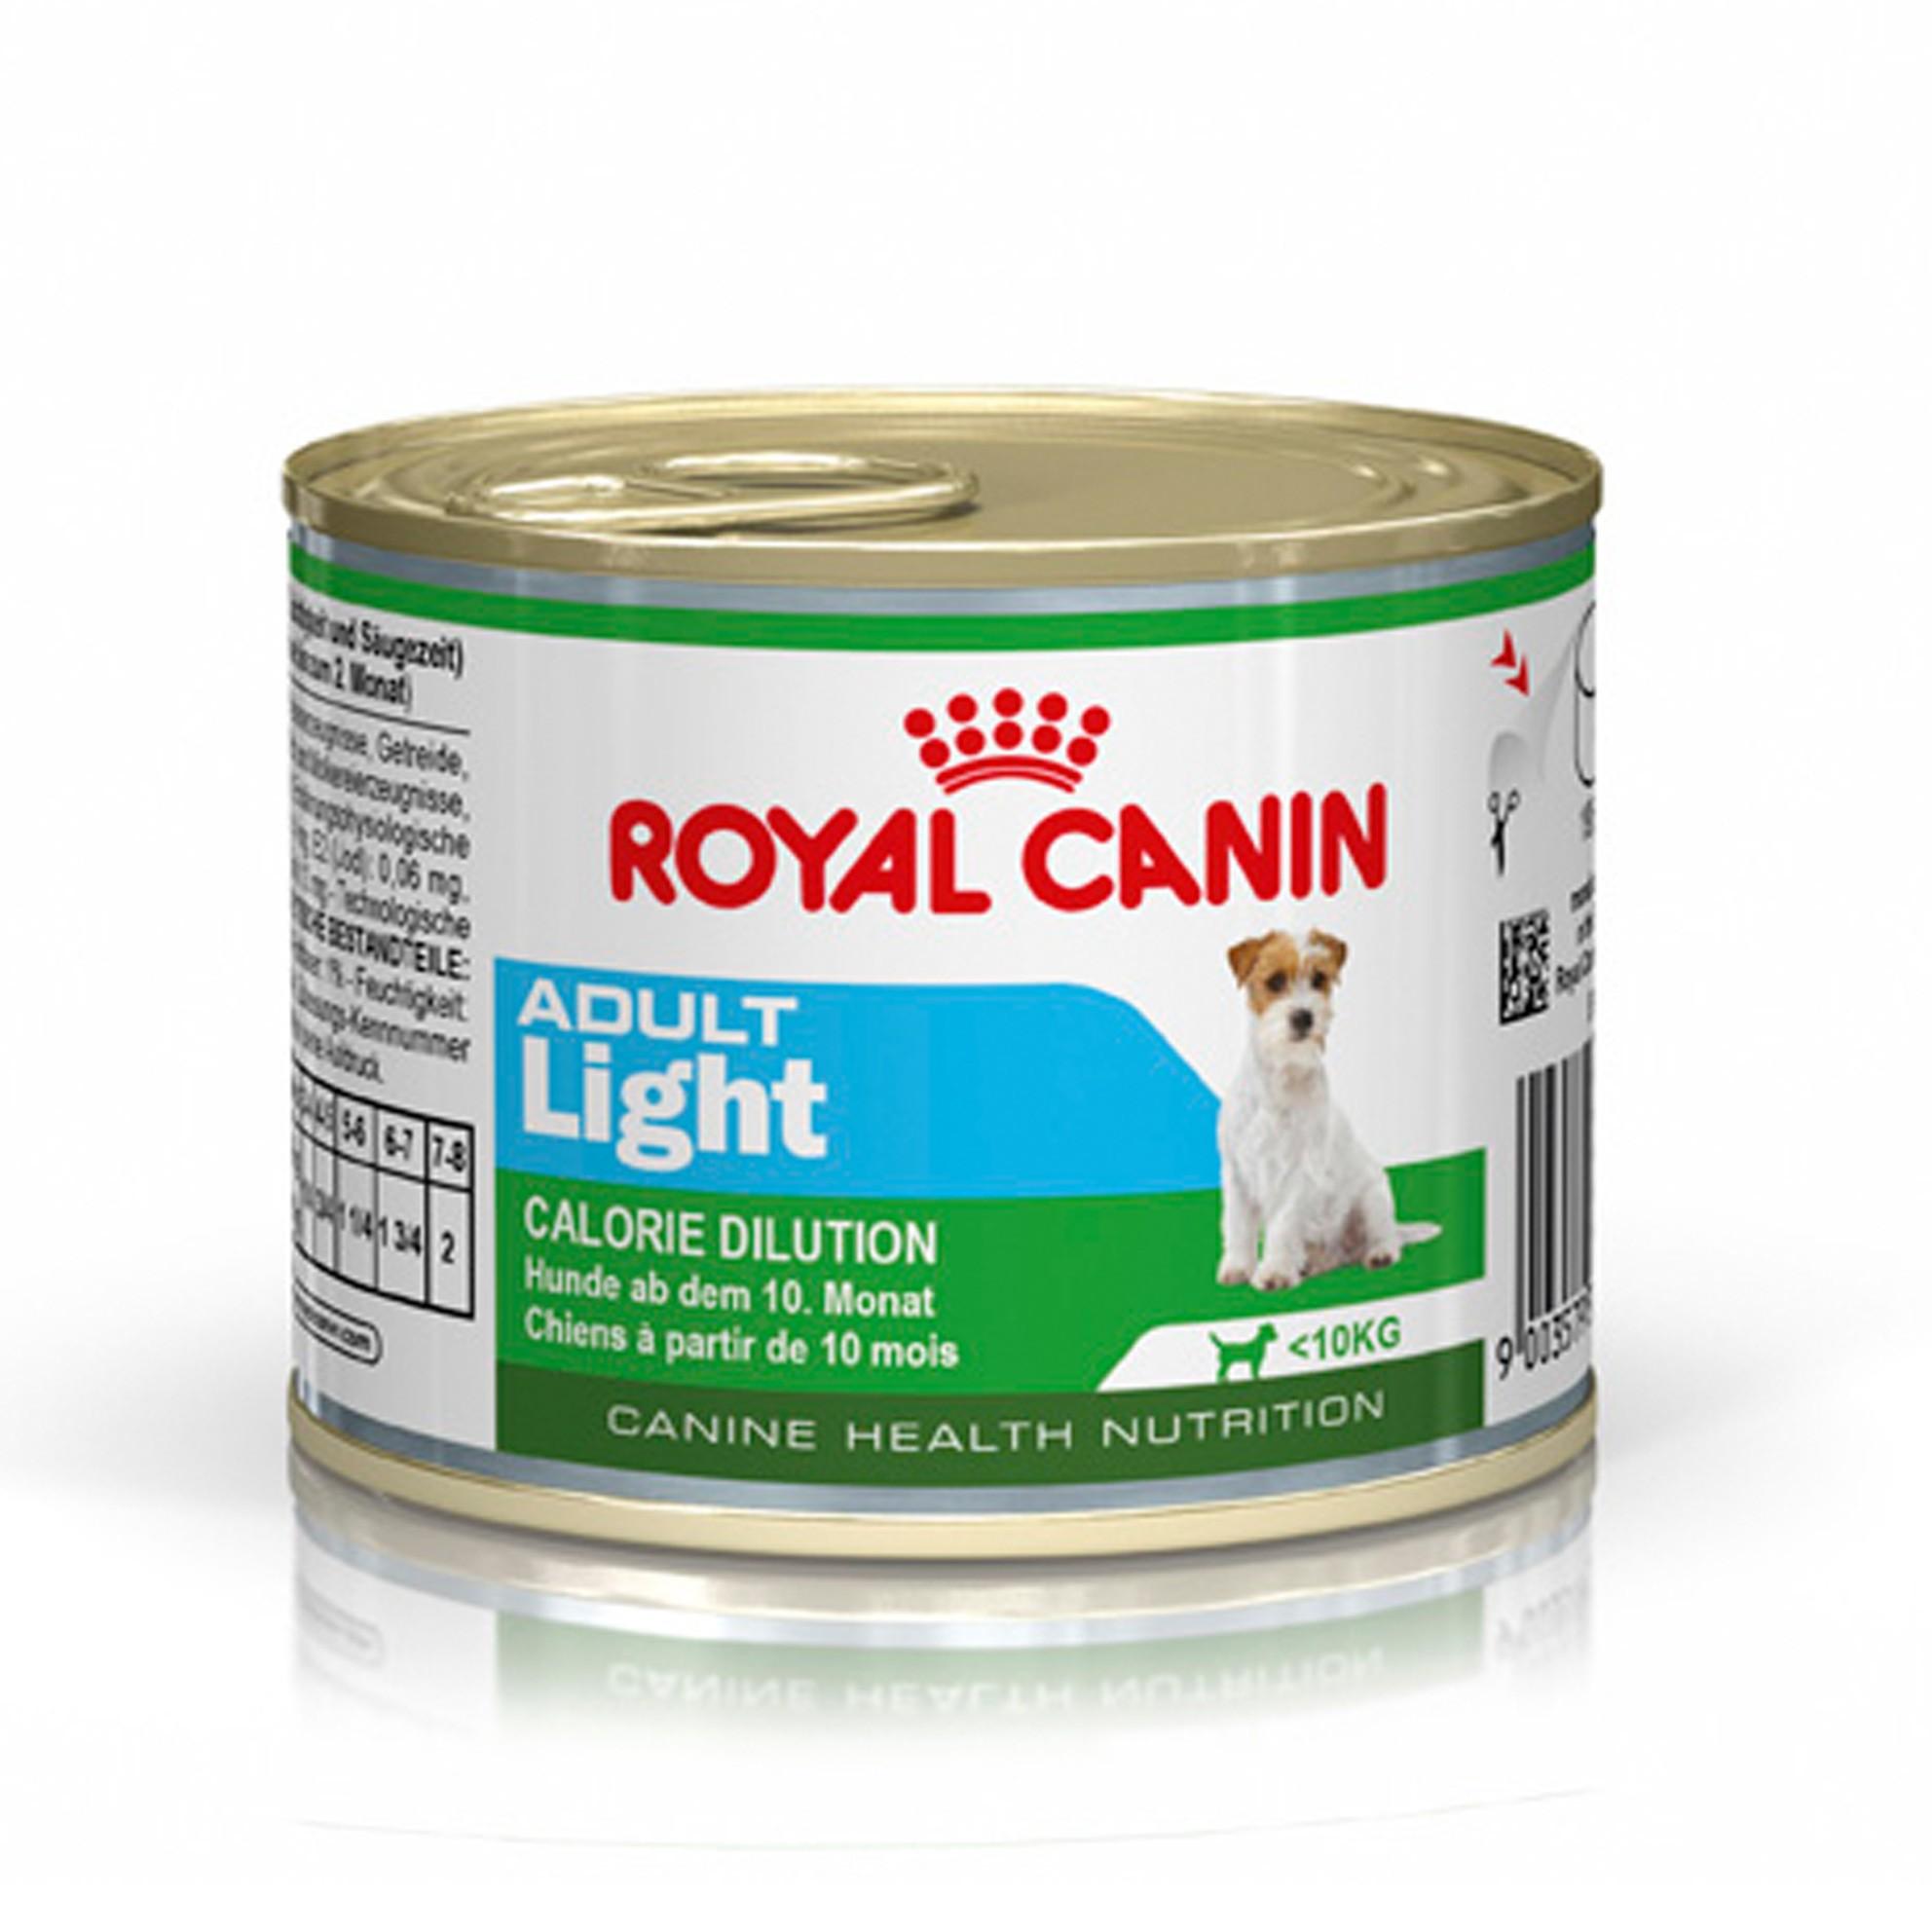 Royal Canin Mini Adult Light - Пастет за израстнали кучета от дребните породи с наднормено тегло